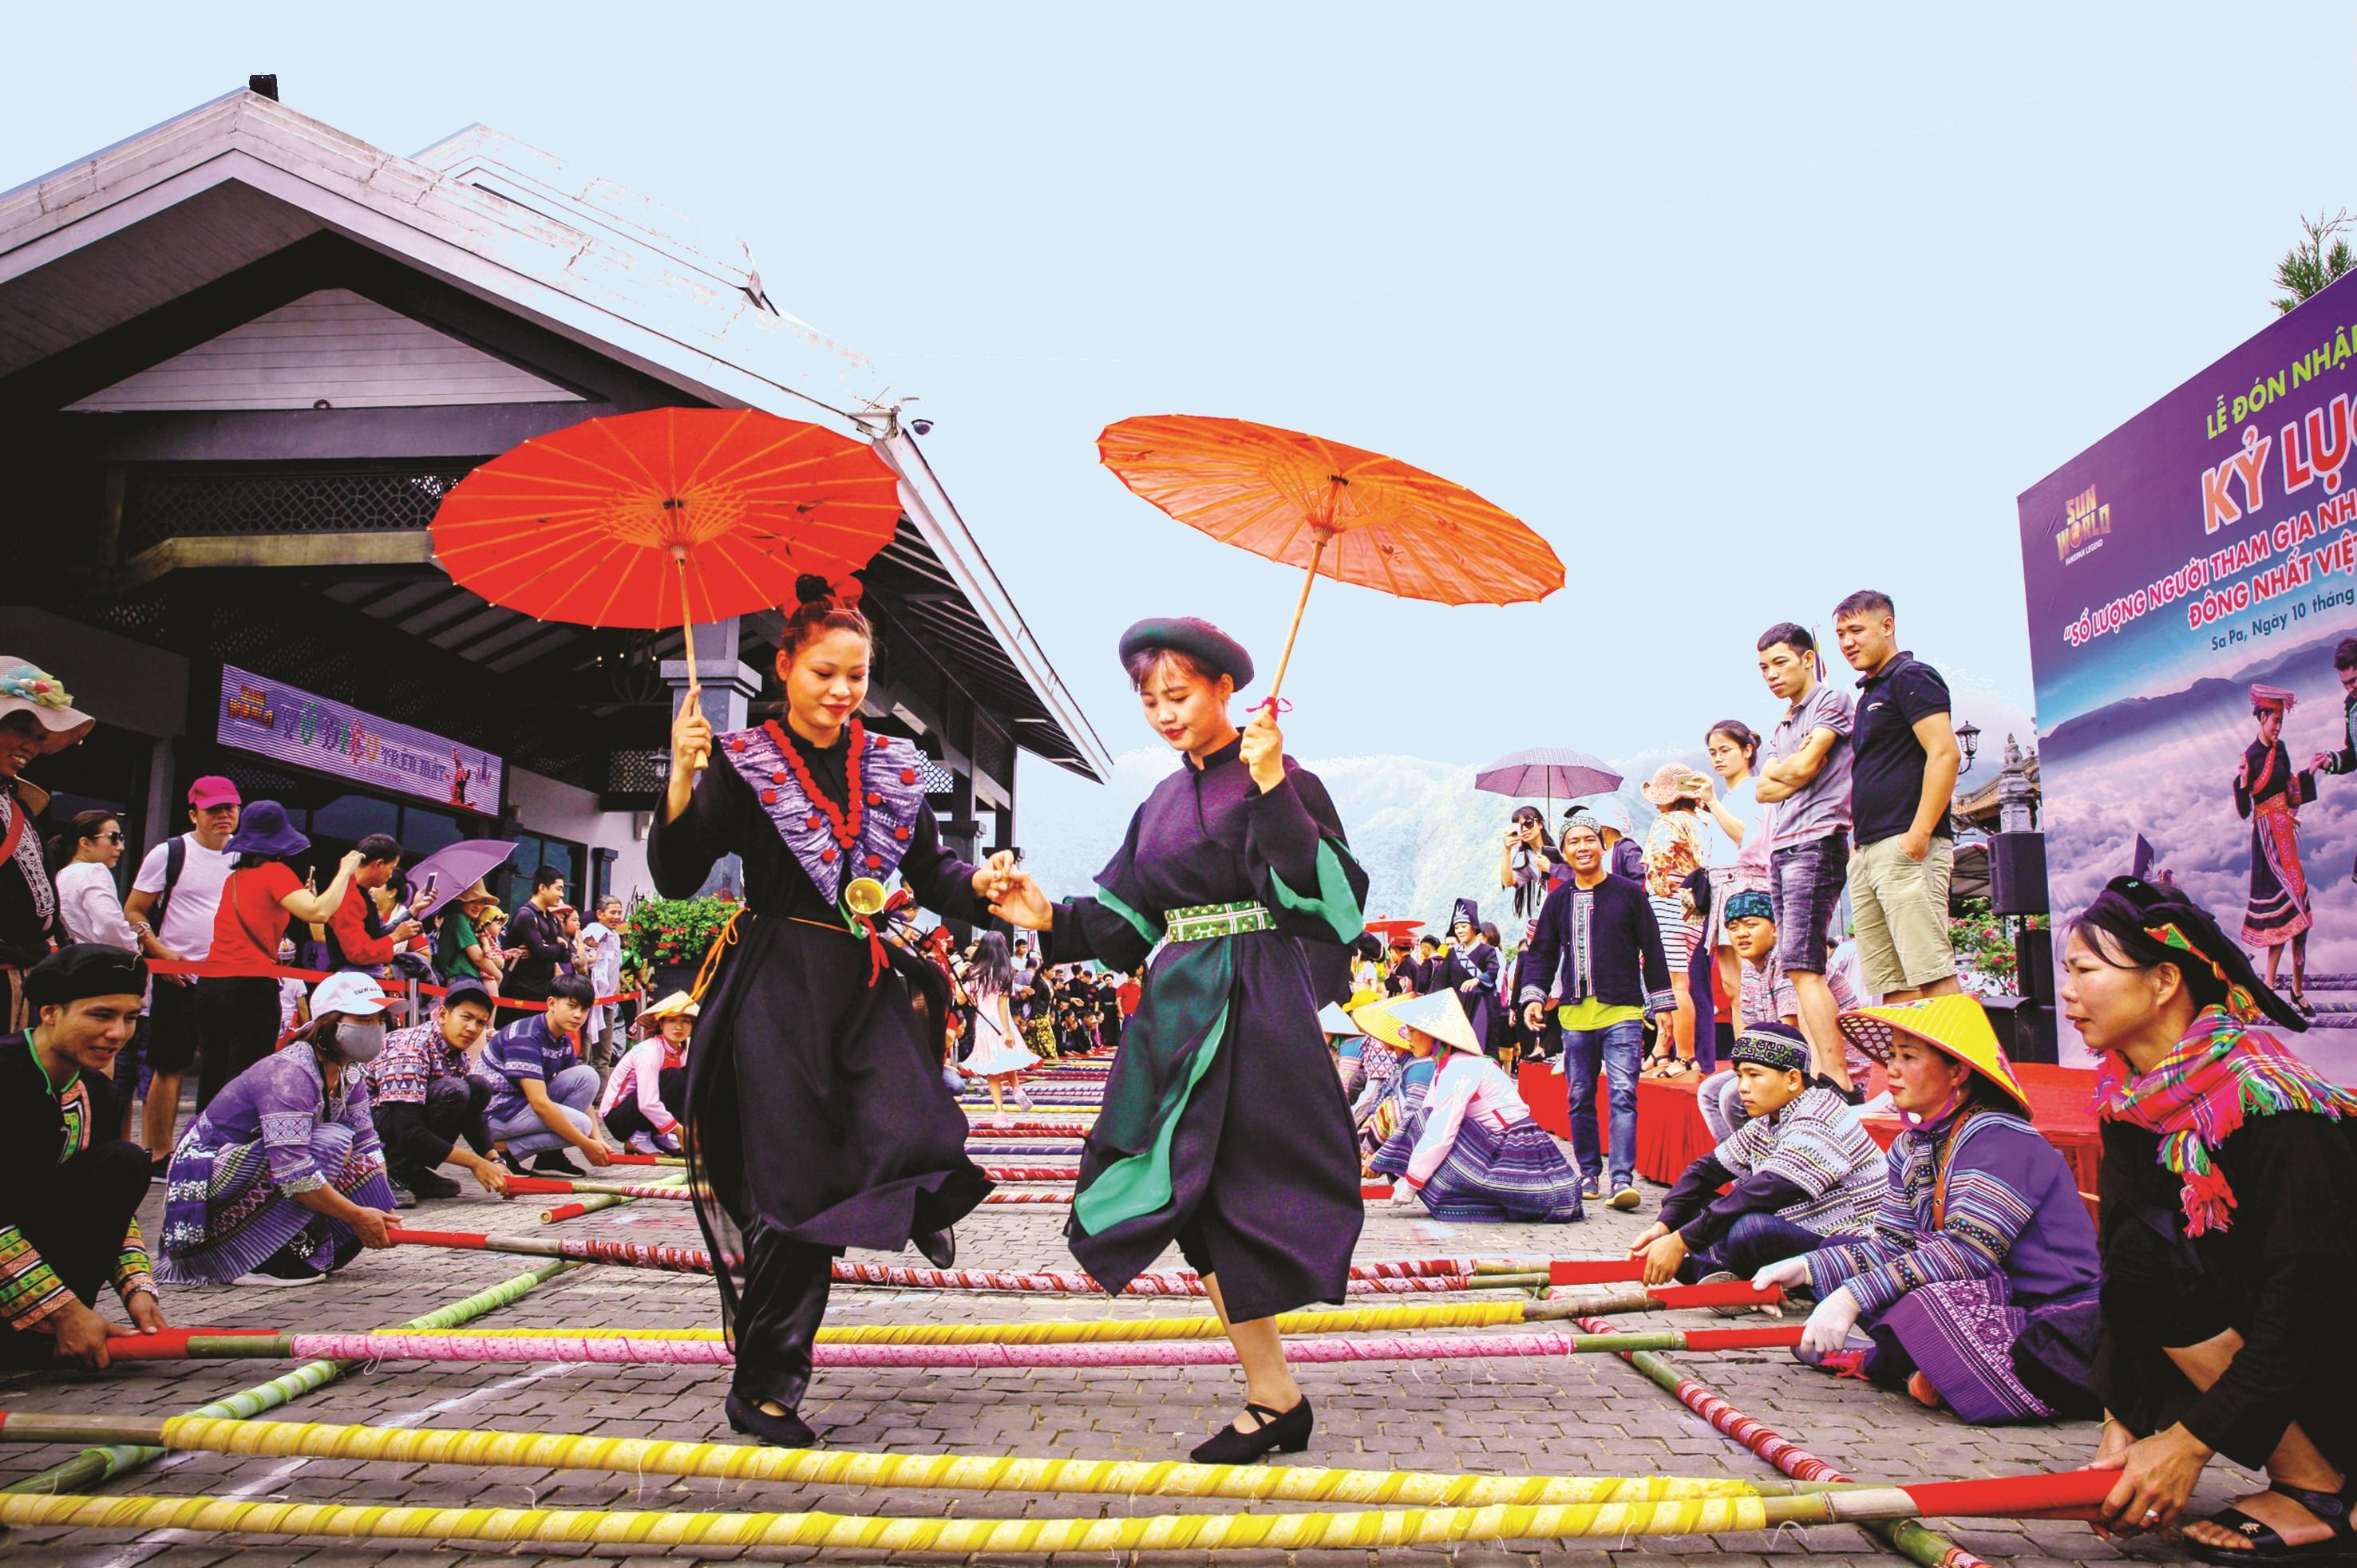 Bản sắc văn hóa của đồng bào DTTS là đề tài luôn được Báo Dân tộc và Phát triển quan tâm, phản ánh